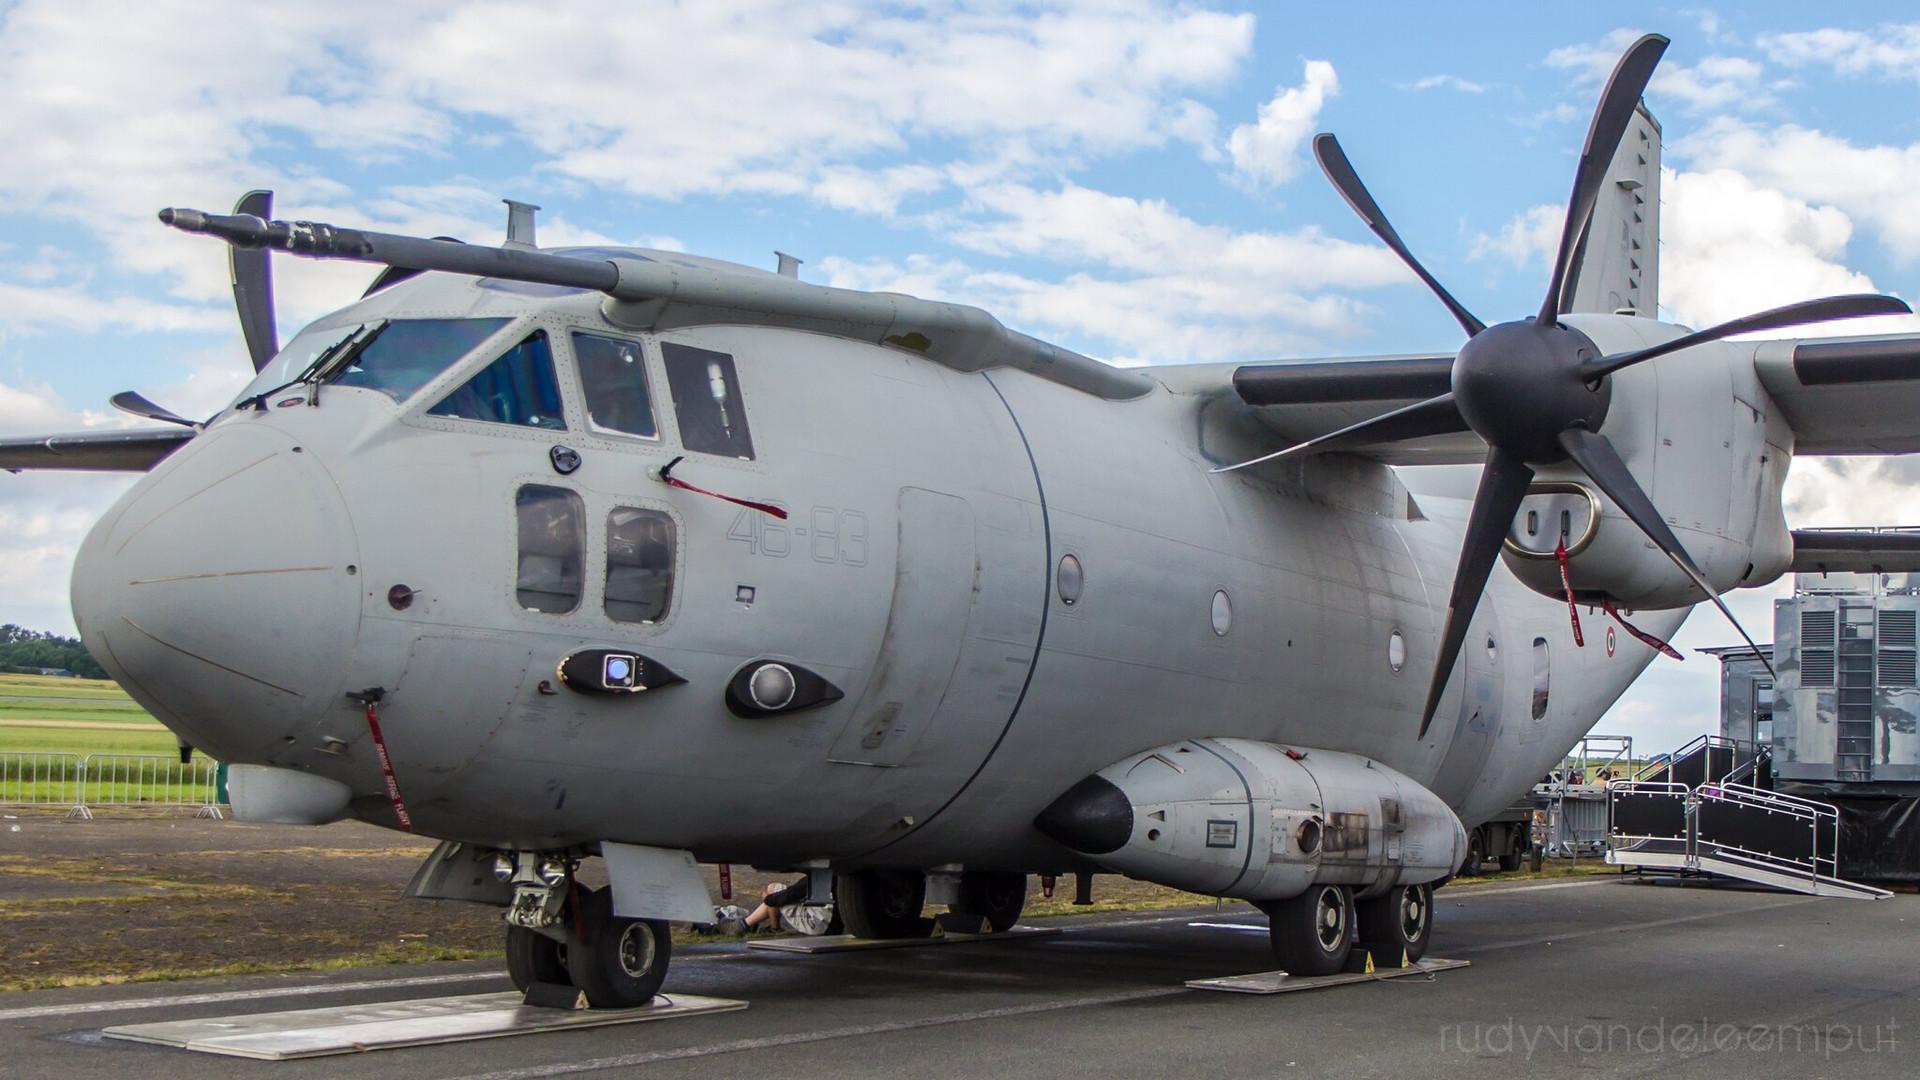 46-83 | Alenia C-27J Spartan